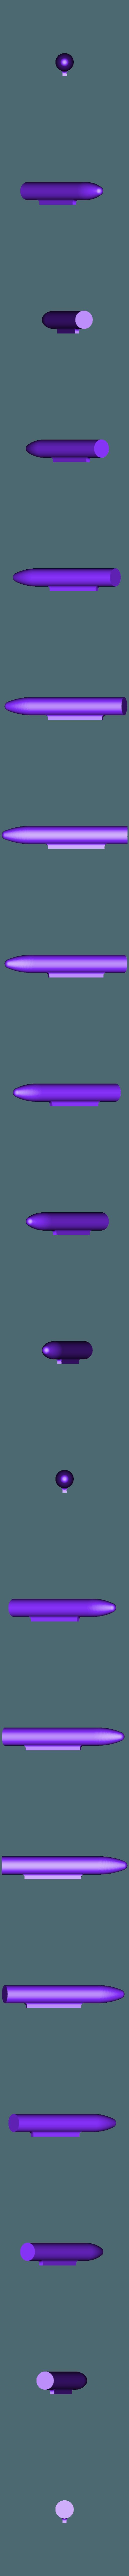 mirage_2000_bomb_v0.stl Télécharger fichier STL gratuit Jouet Mirage 2000 • Objet imprimable en 3D, jp_math